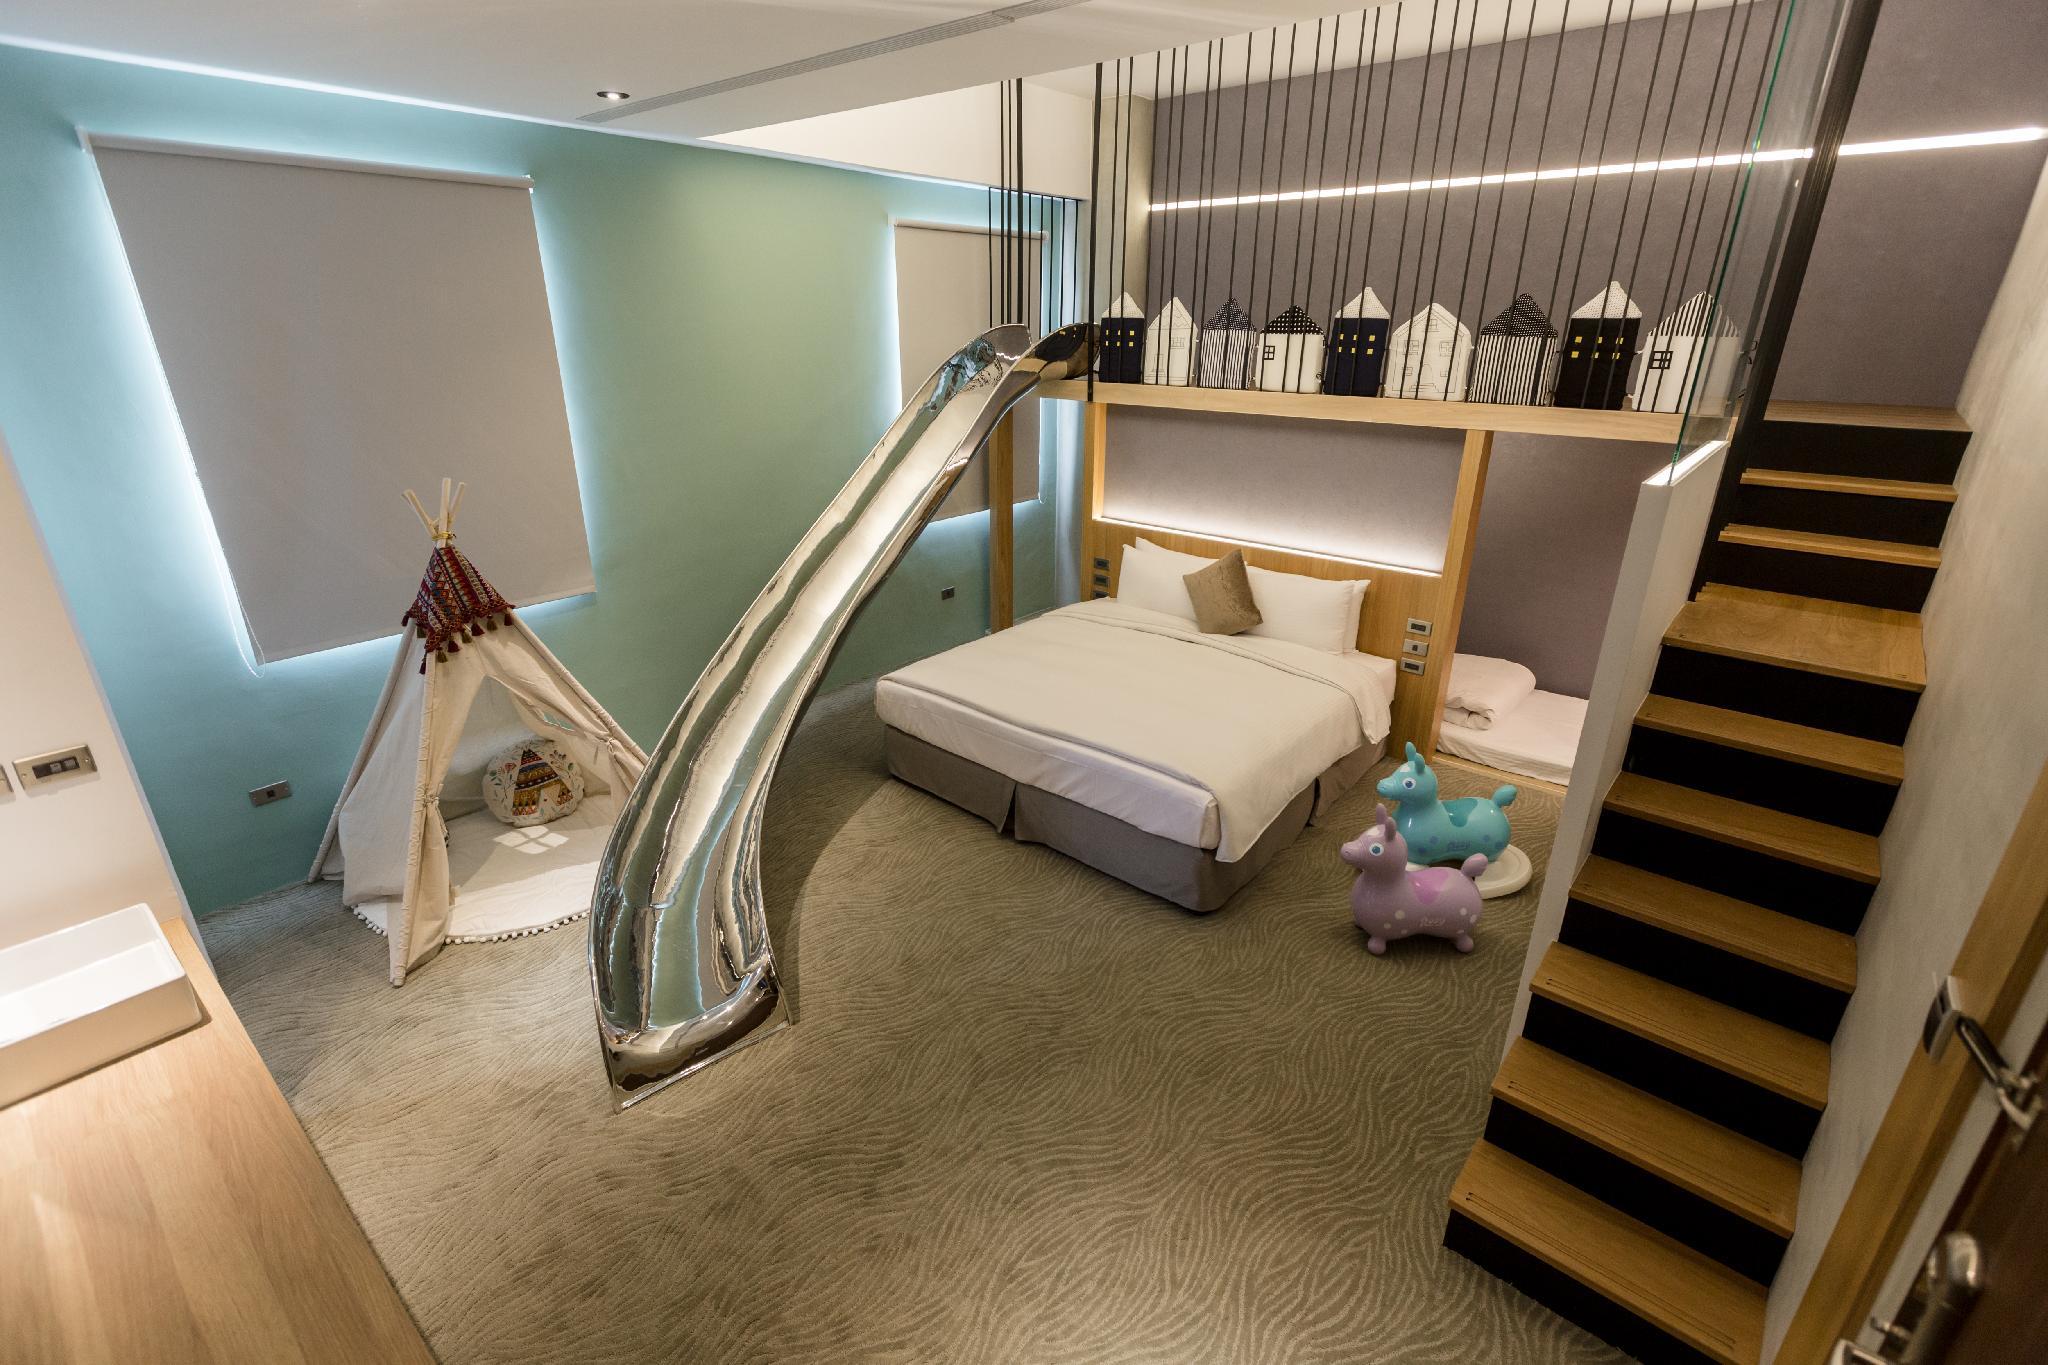 【澎湖住宿推薦】綠的旅店,有機場接送,房間有大浴缸還有健身房的設計感旅店 @小環妞 幸福足跡